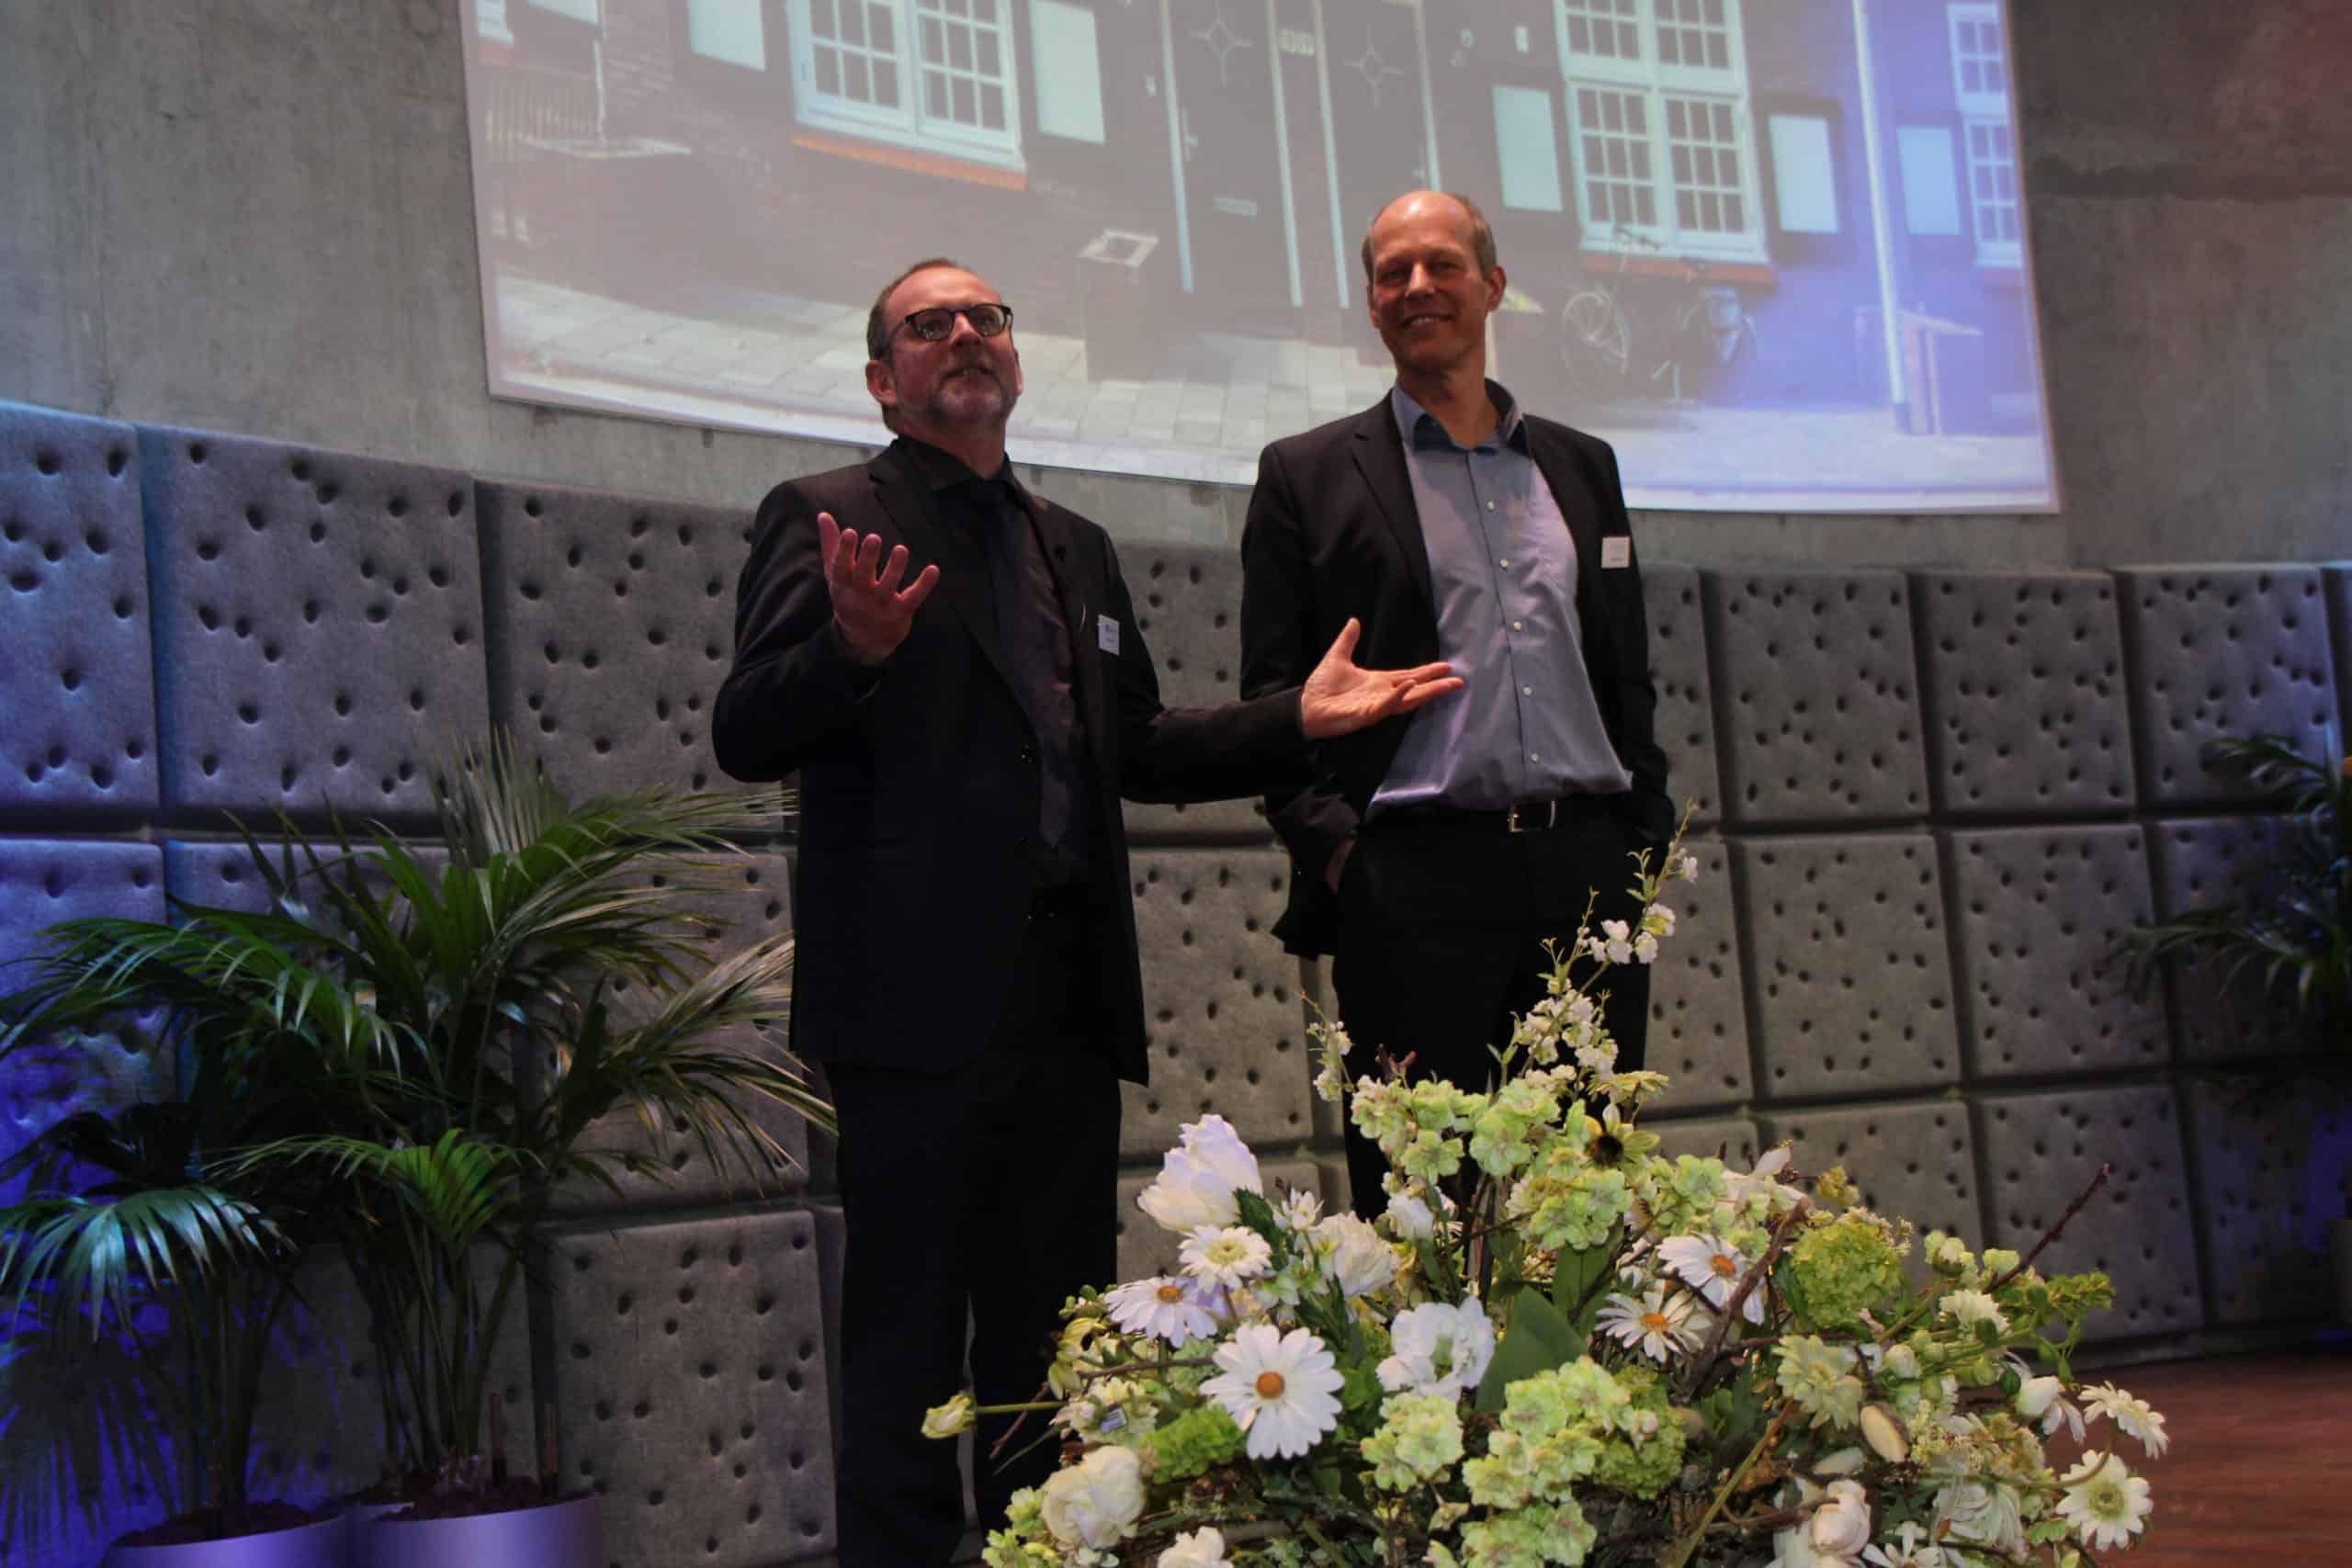 Symposium-Er-gebeurt-iets-moois-in-Zwolle-vragenbeantwoorden-1-scaled